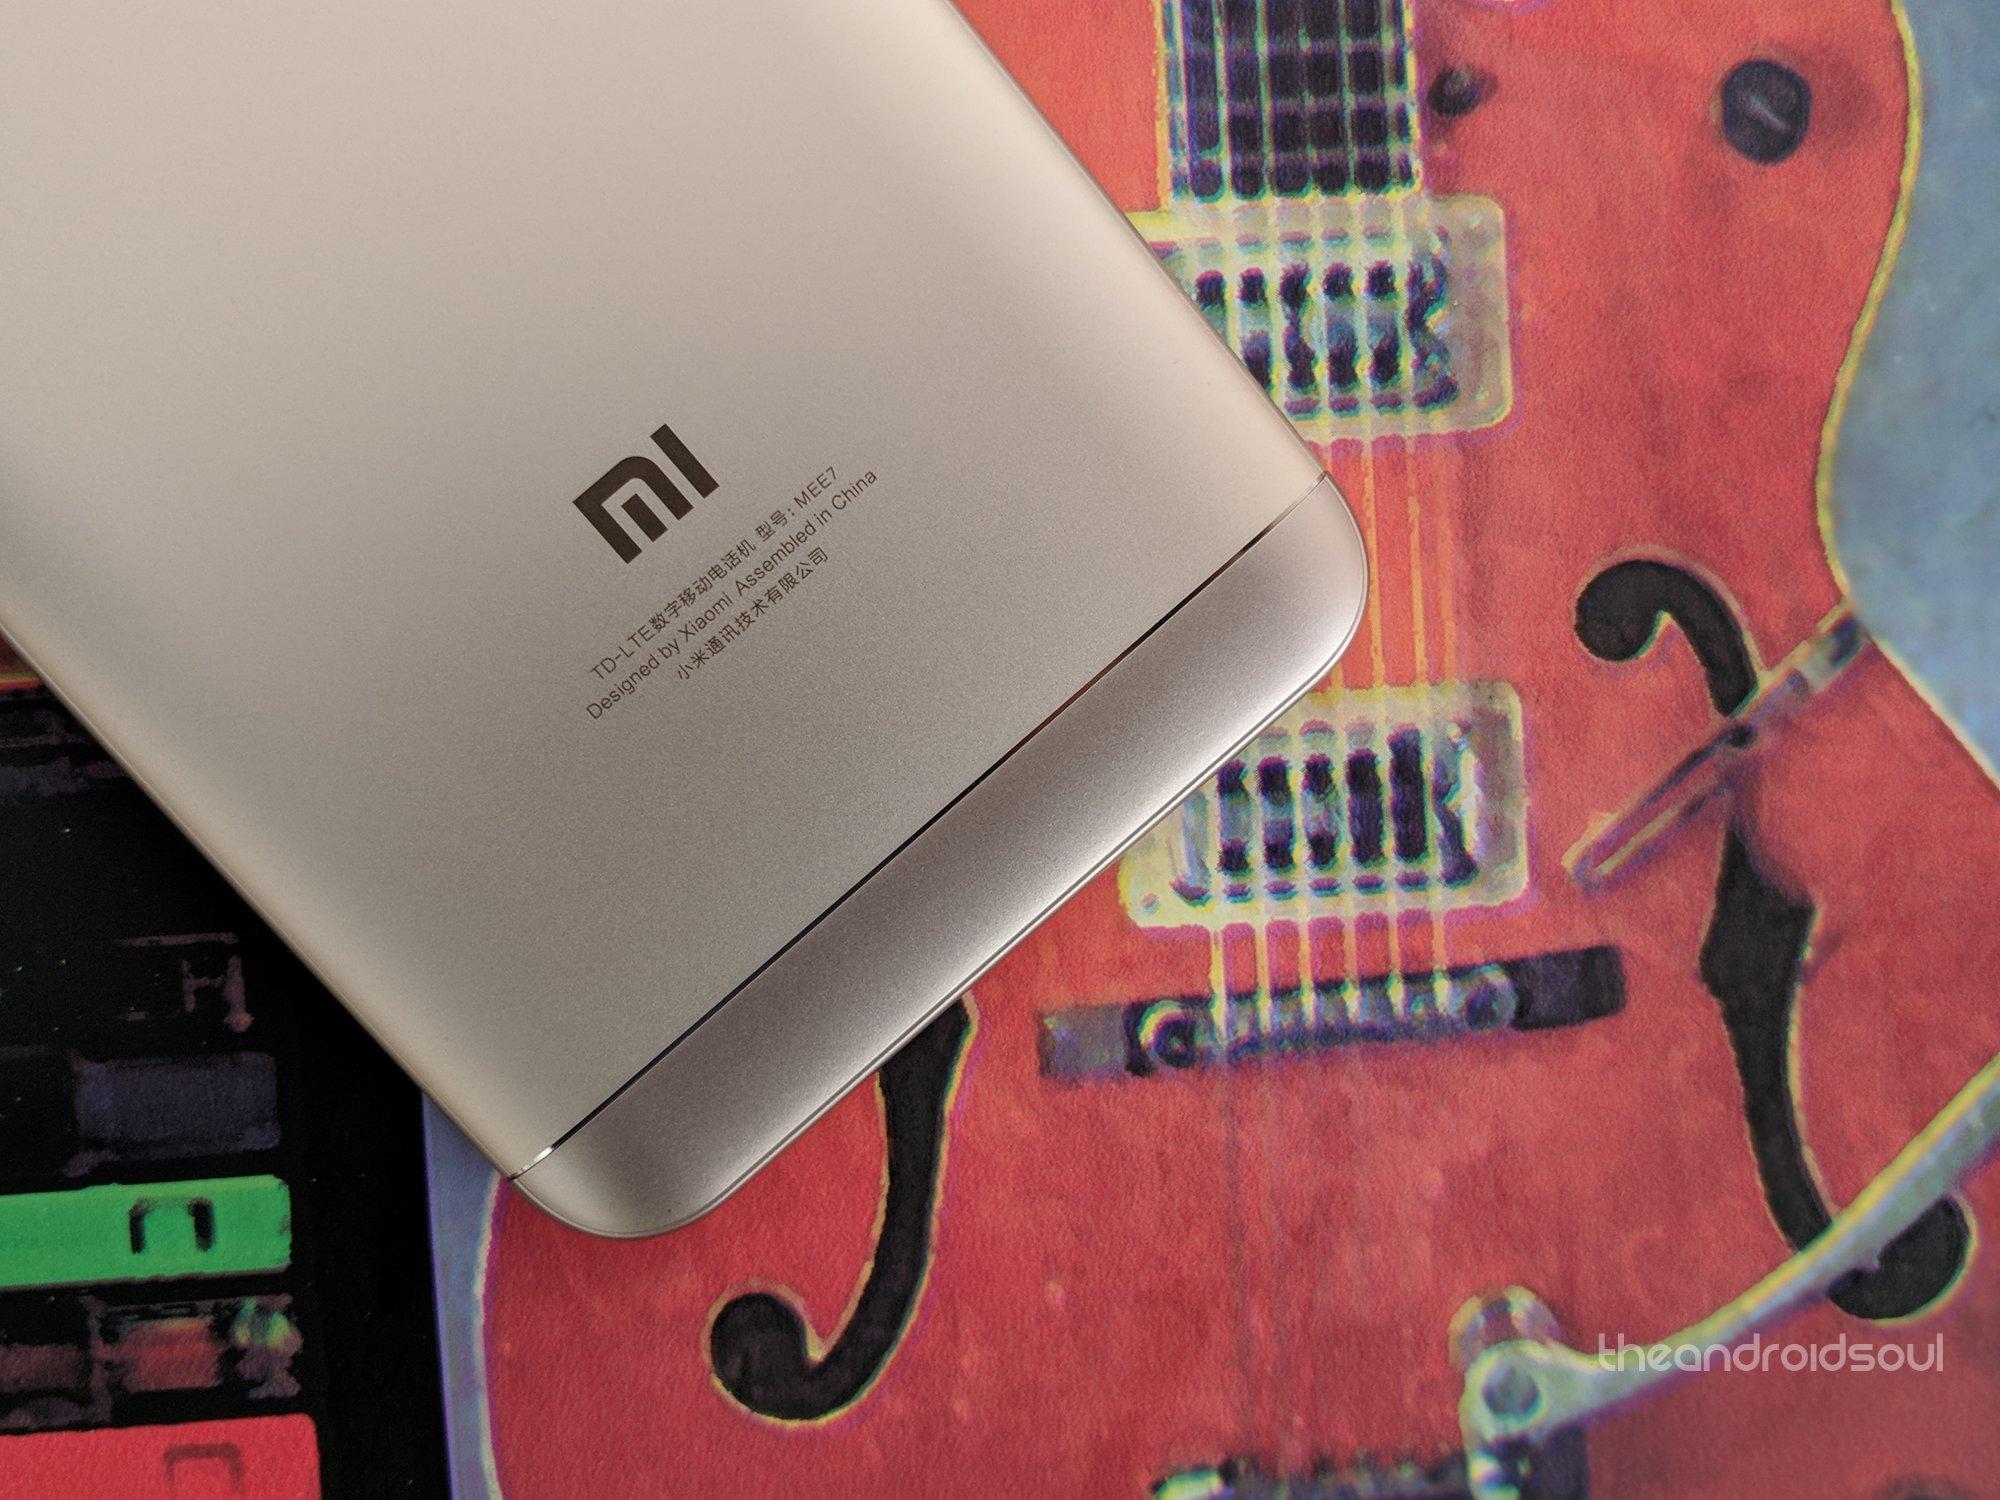 Xiaomi-Redmi-5-Plus-no-water-please